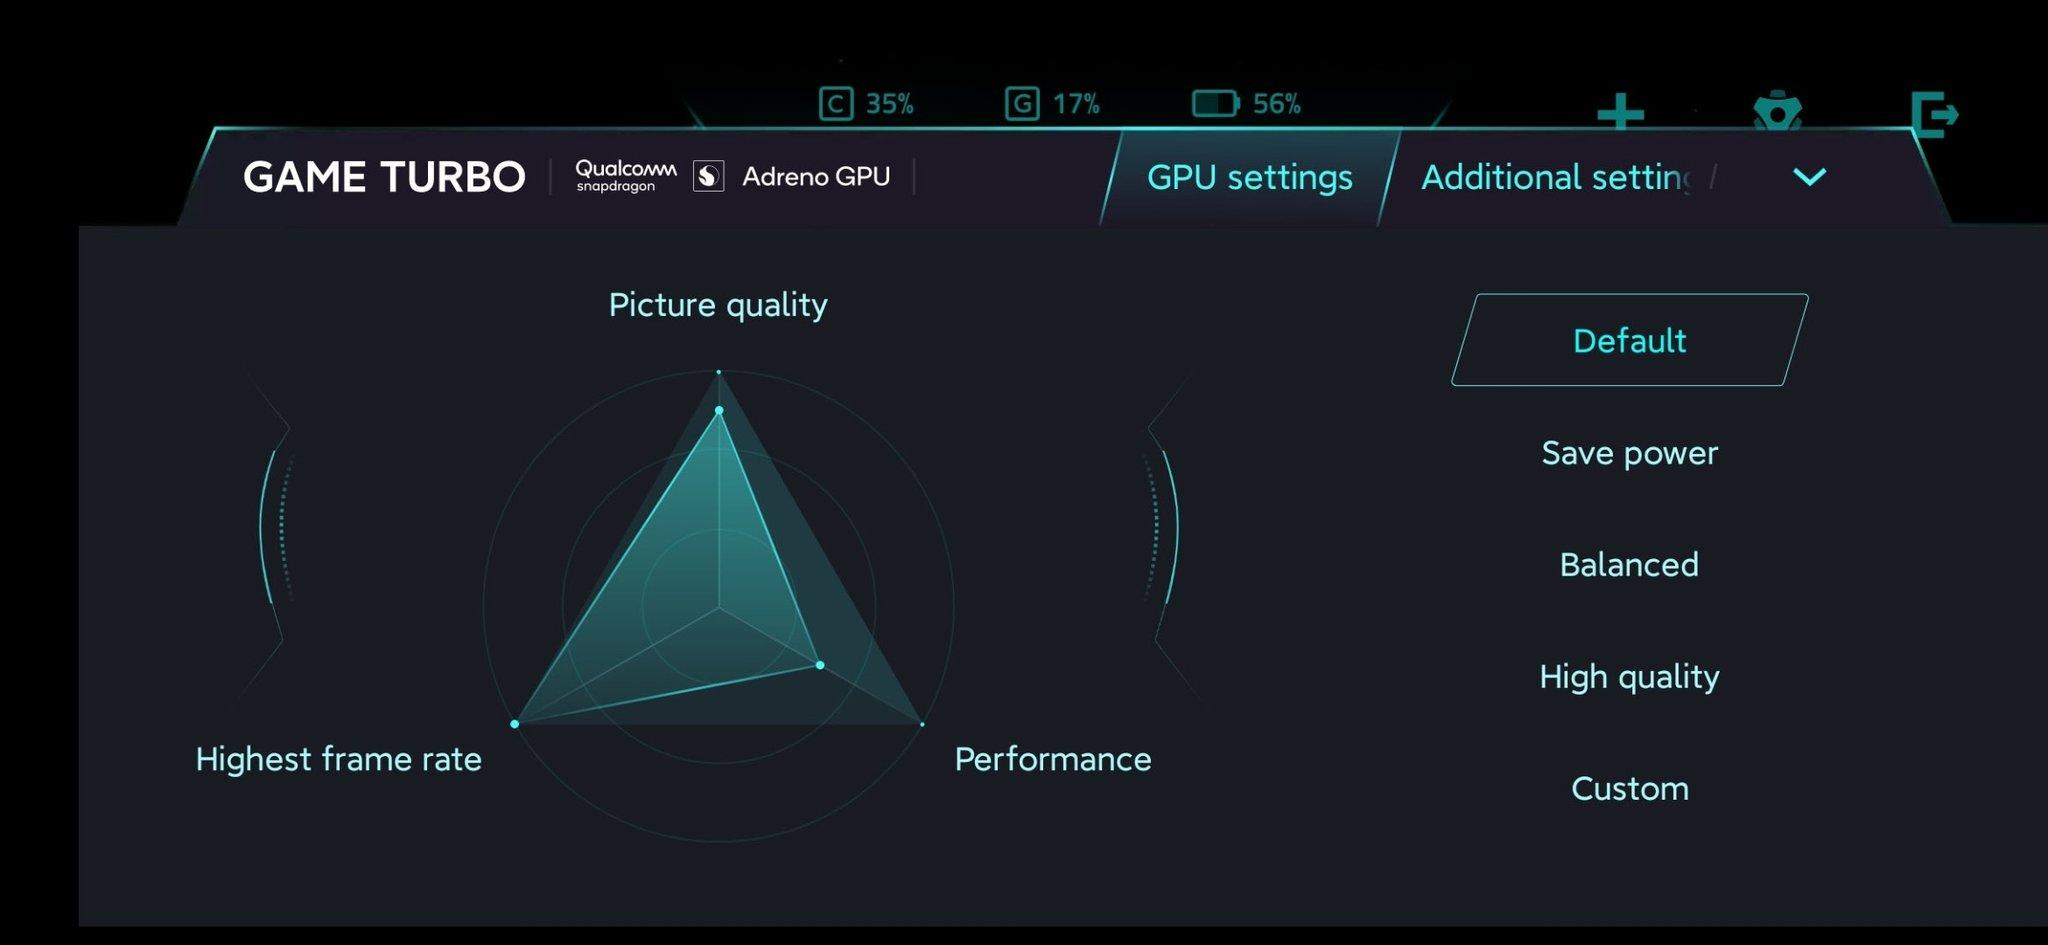 flagowiec Xiaomi Mi 10 Pro Plus tryb Game Turbo smartfon do gier plotki przecieki wycieki